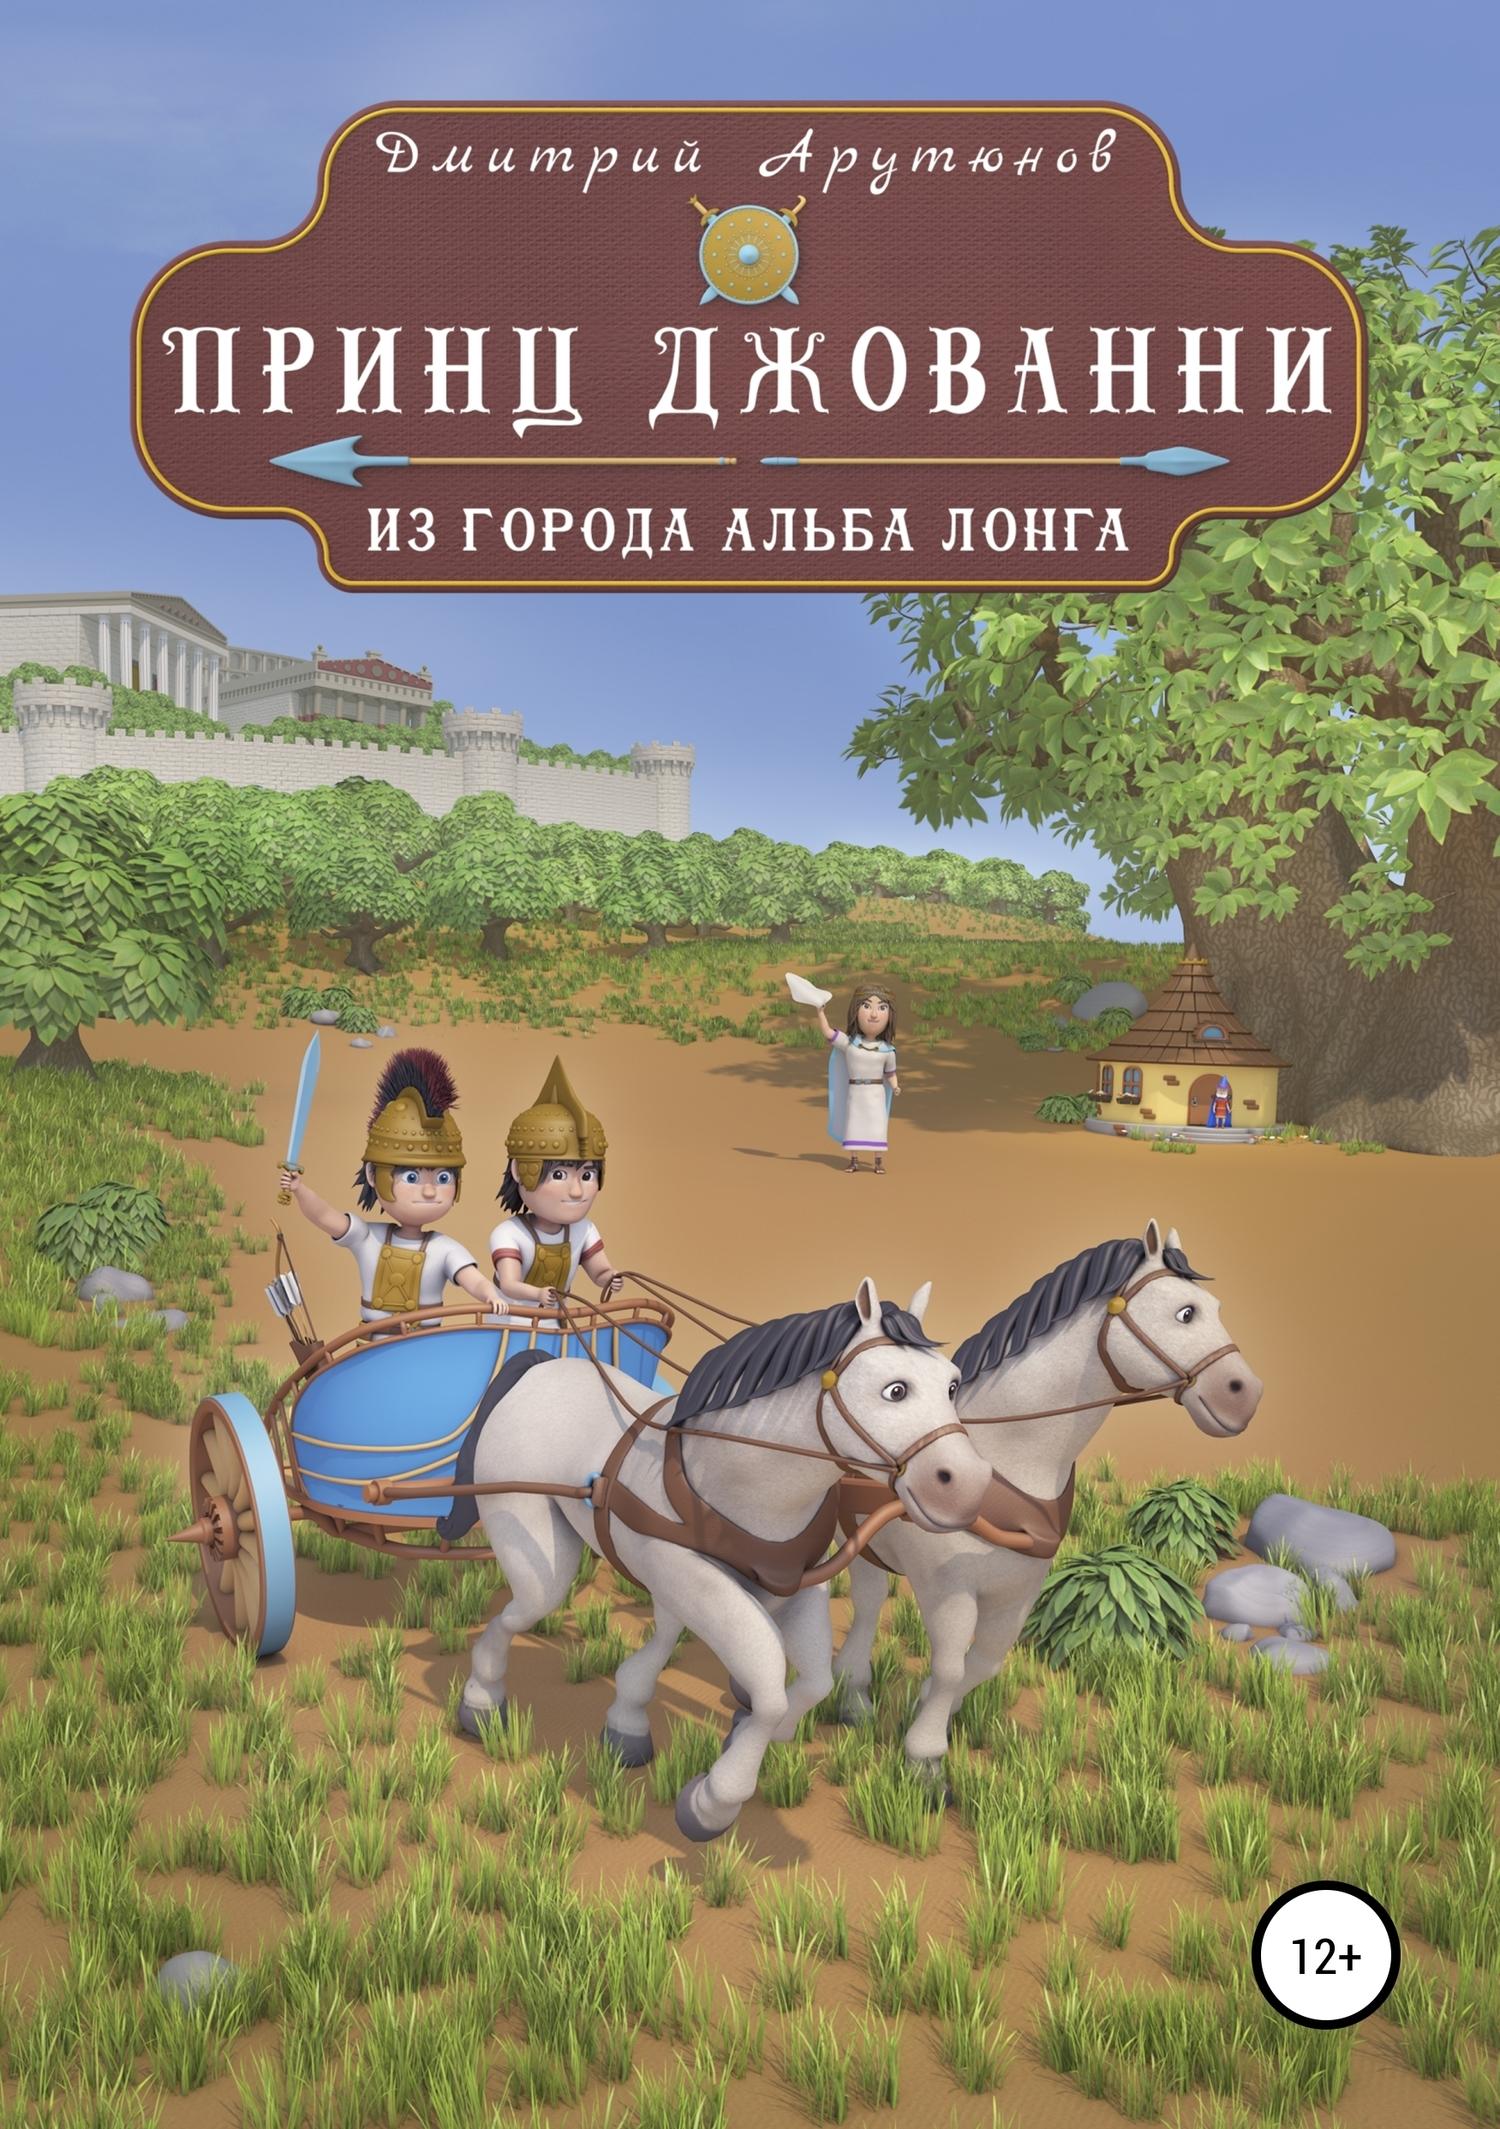 Дмитрий Арутюнов - Принц Джованни из города Альба Лонга